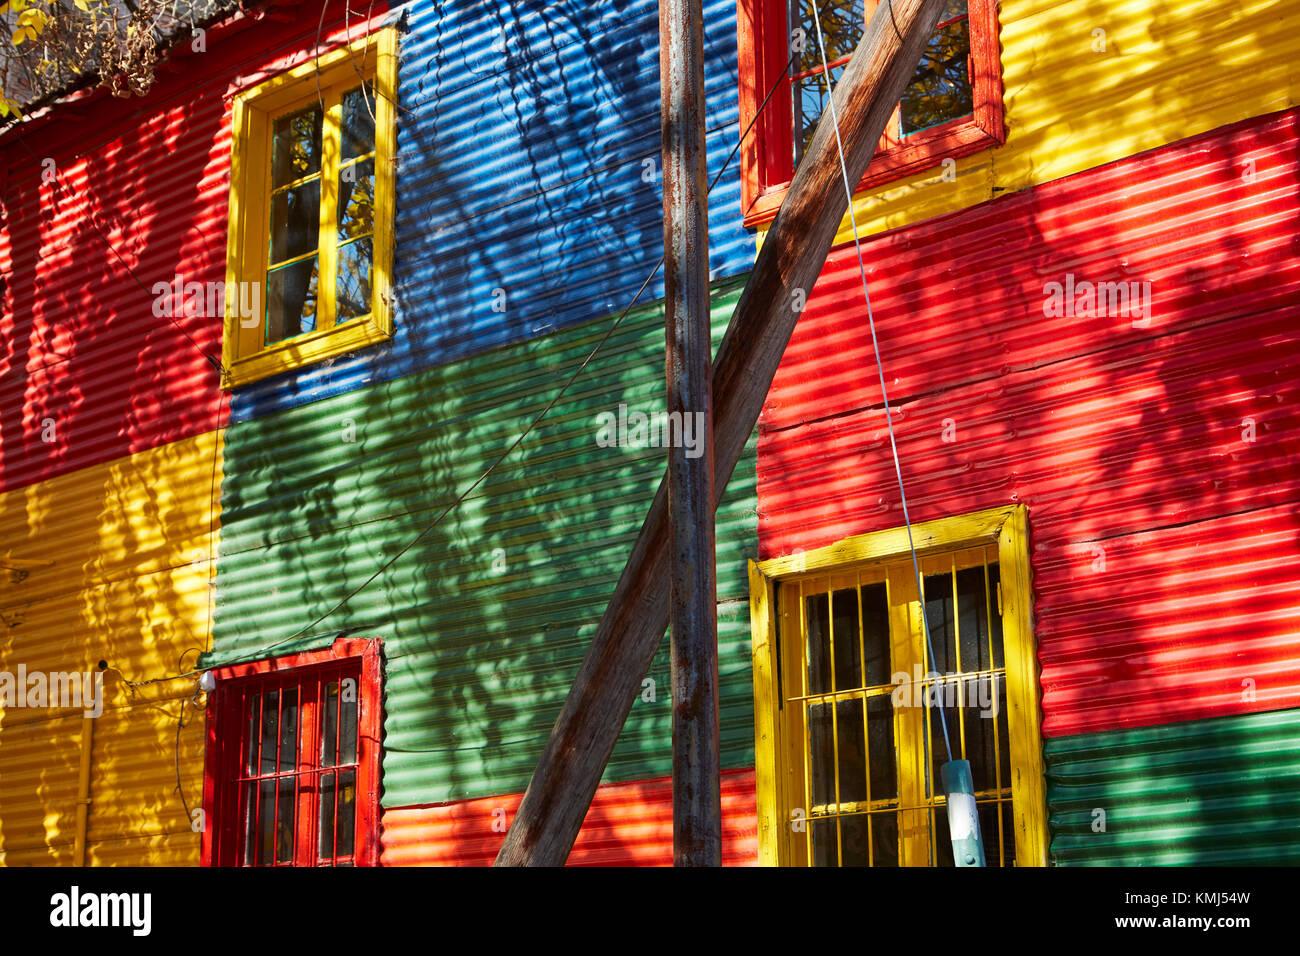 Les bâtiments colorés de la tôle ondulée, la Boca, Buenos Aires, Argentine, Amérique du Sud Banque D'Images